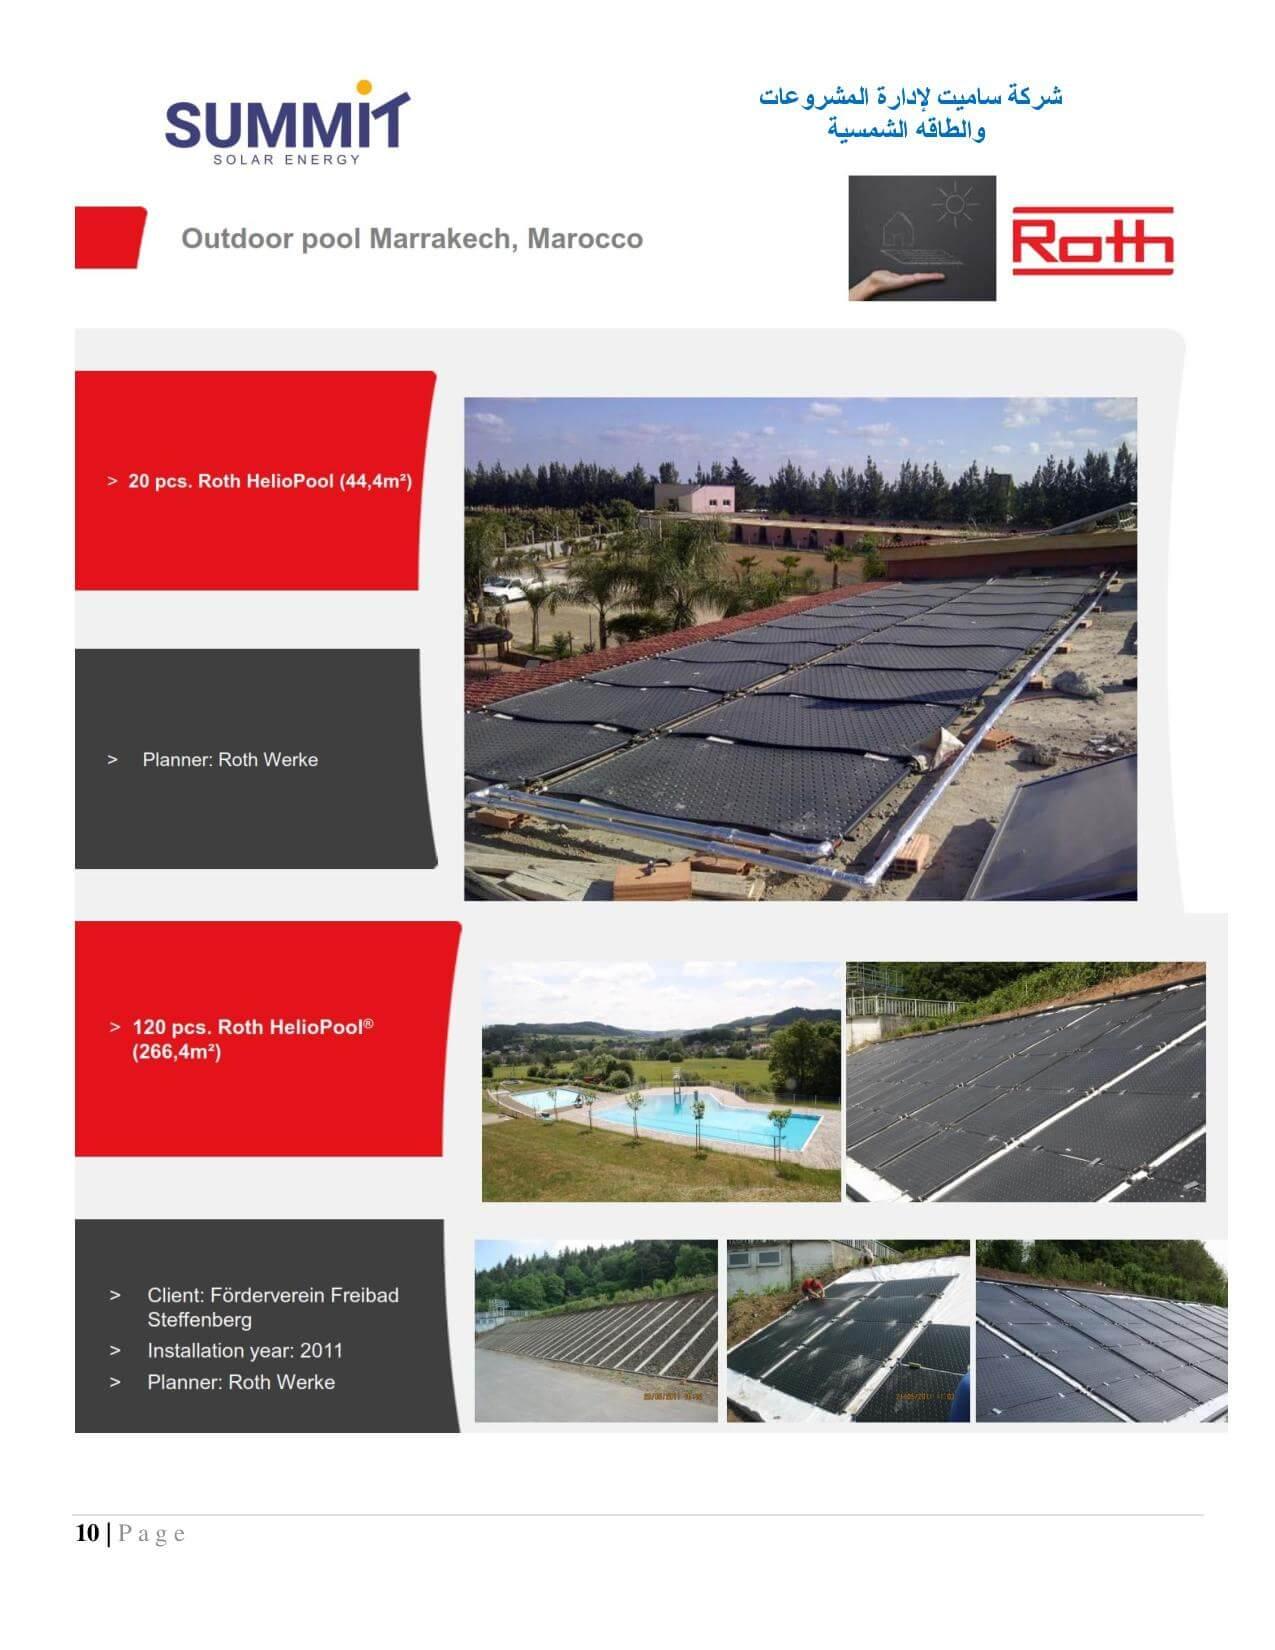 شركة ساميت لادارة المشروعات والطاقة الشمسية